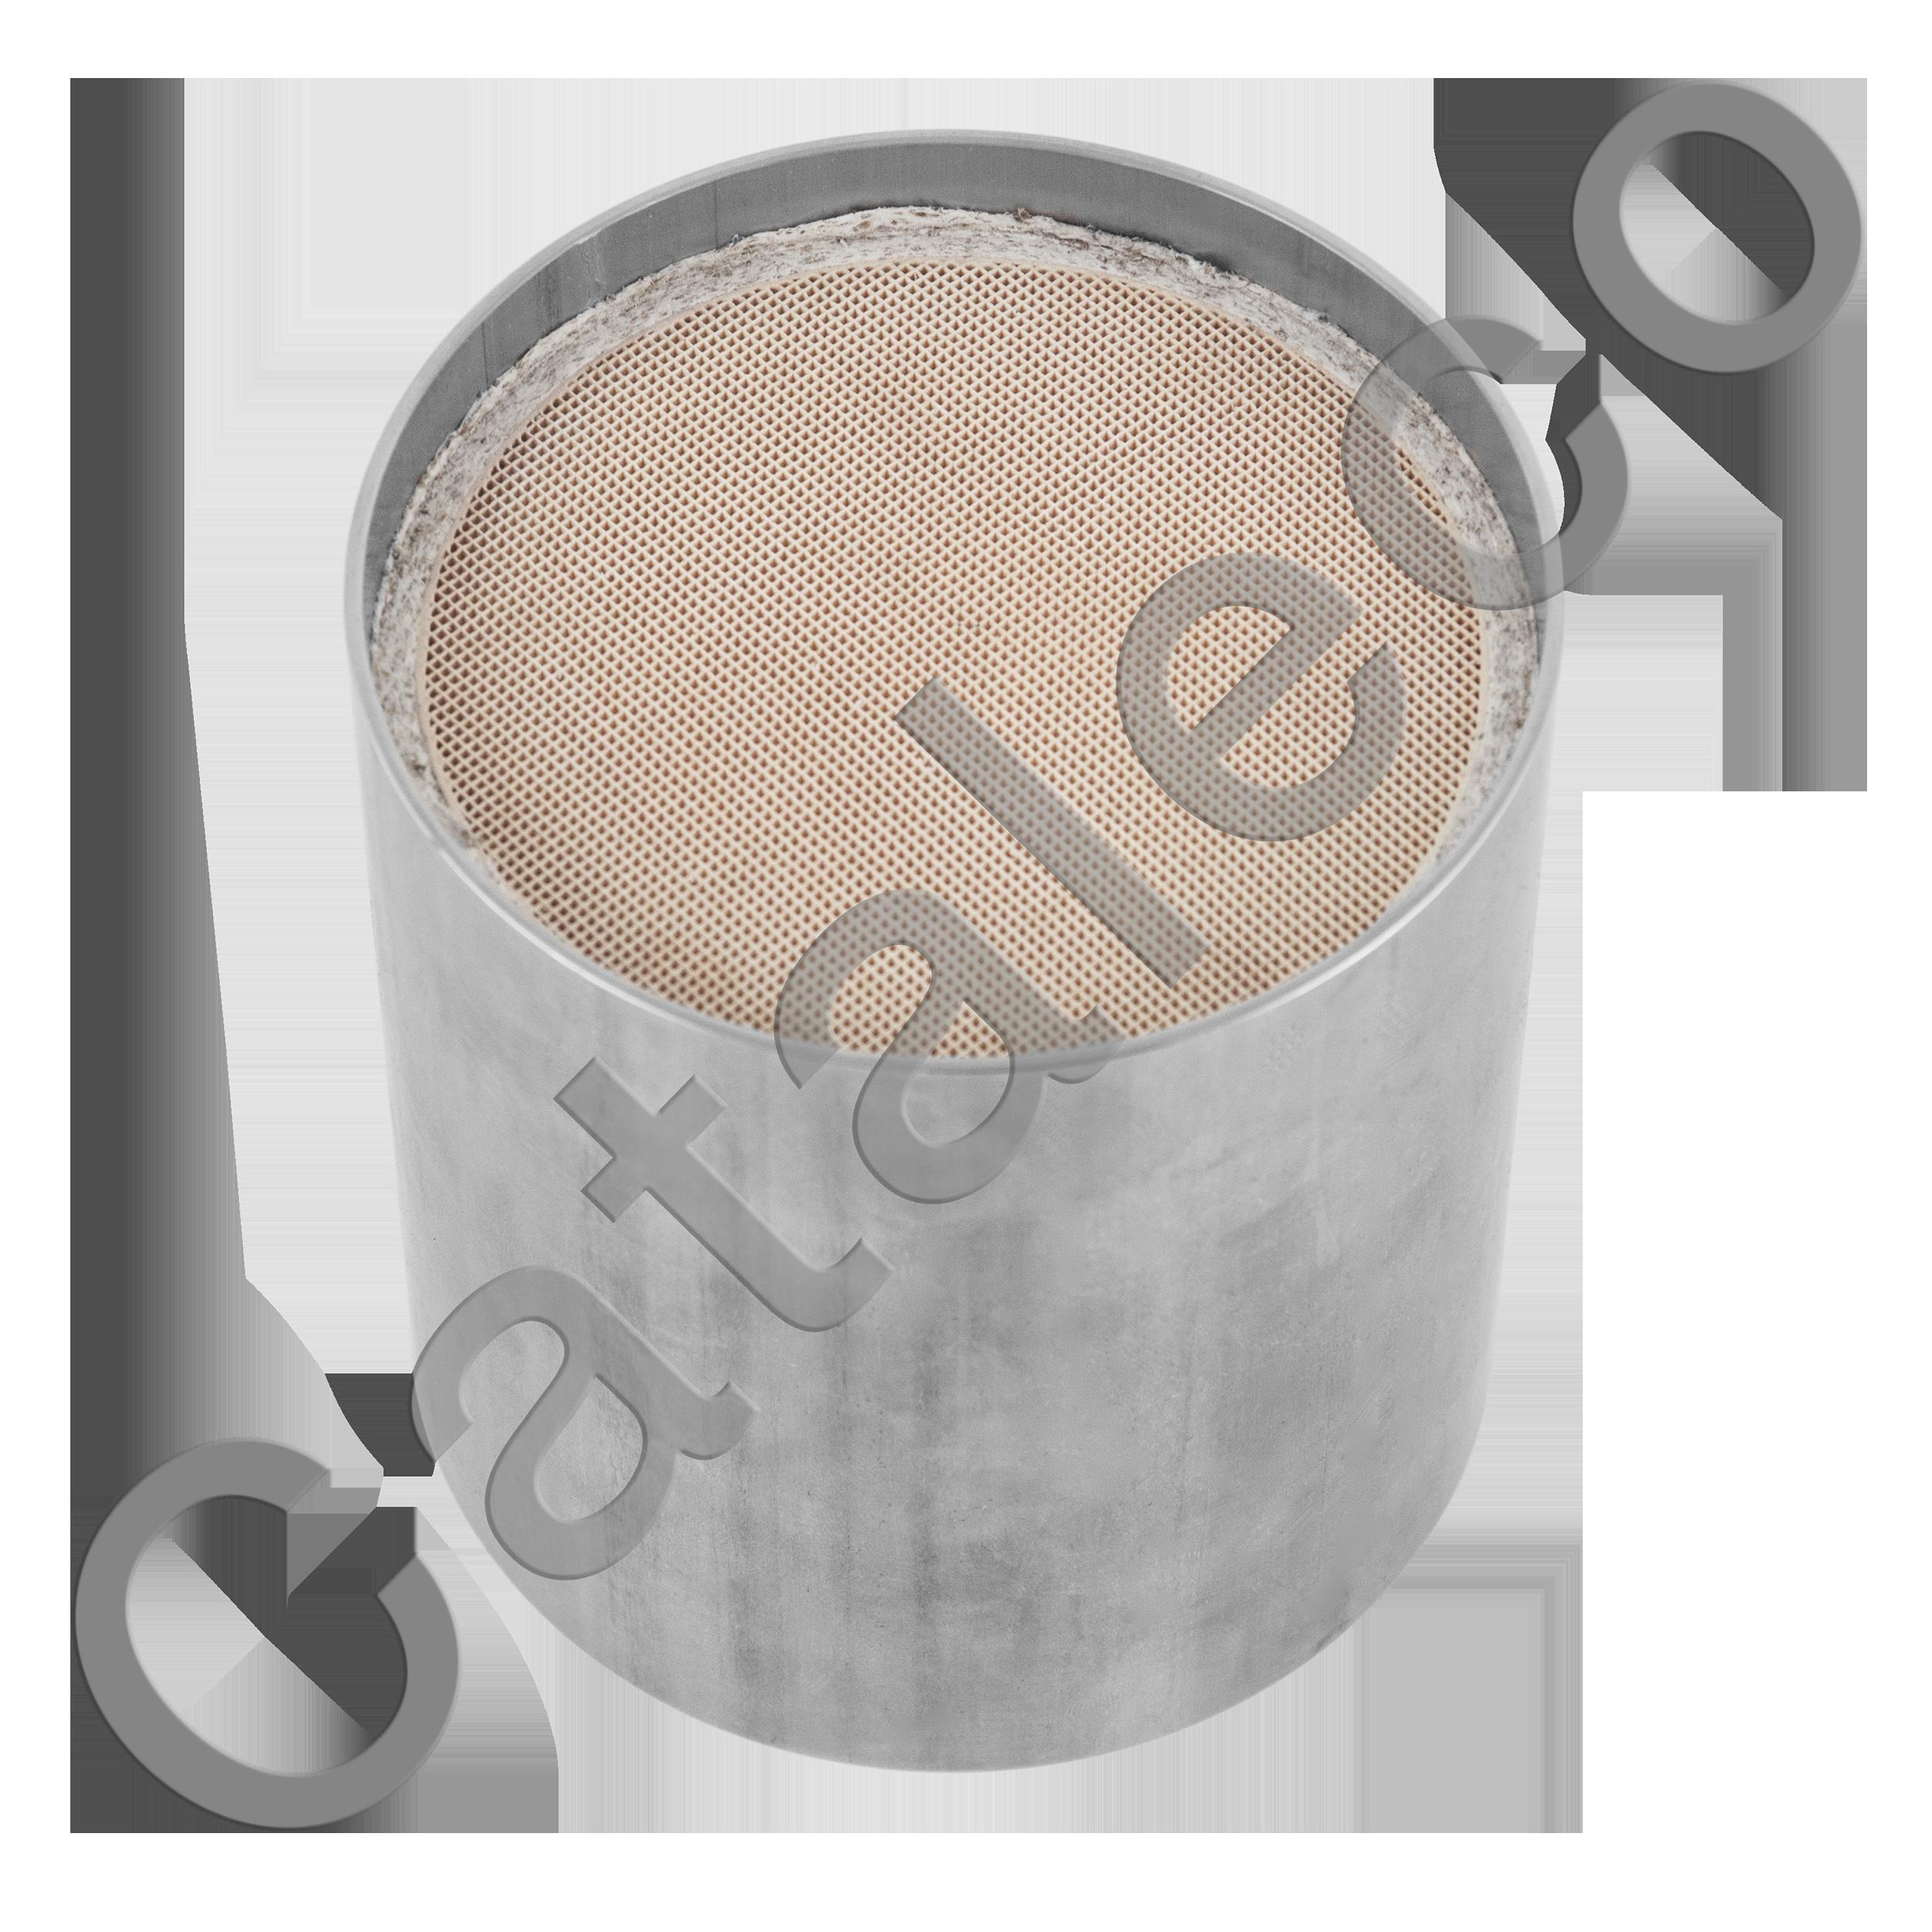 Универсальный керамический автомобильный катализатор для бензинового двигателя, евро-4, D=114,3 мм, L=120 мм, присоединительные размеры  114,3мм